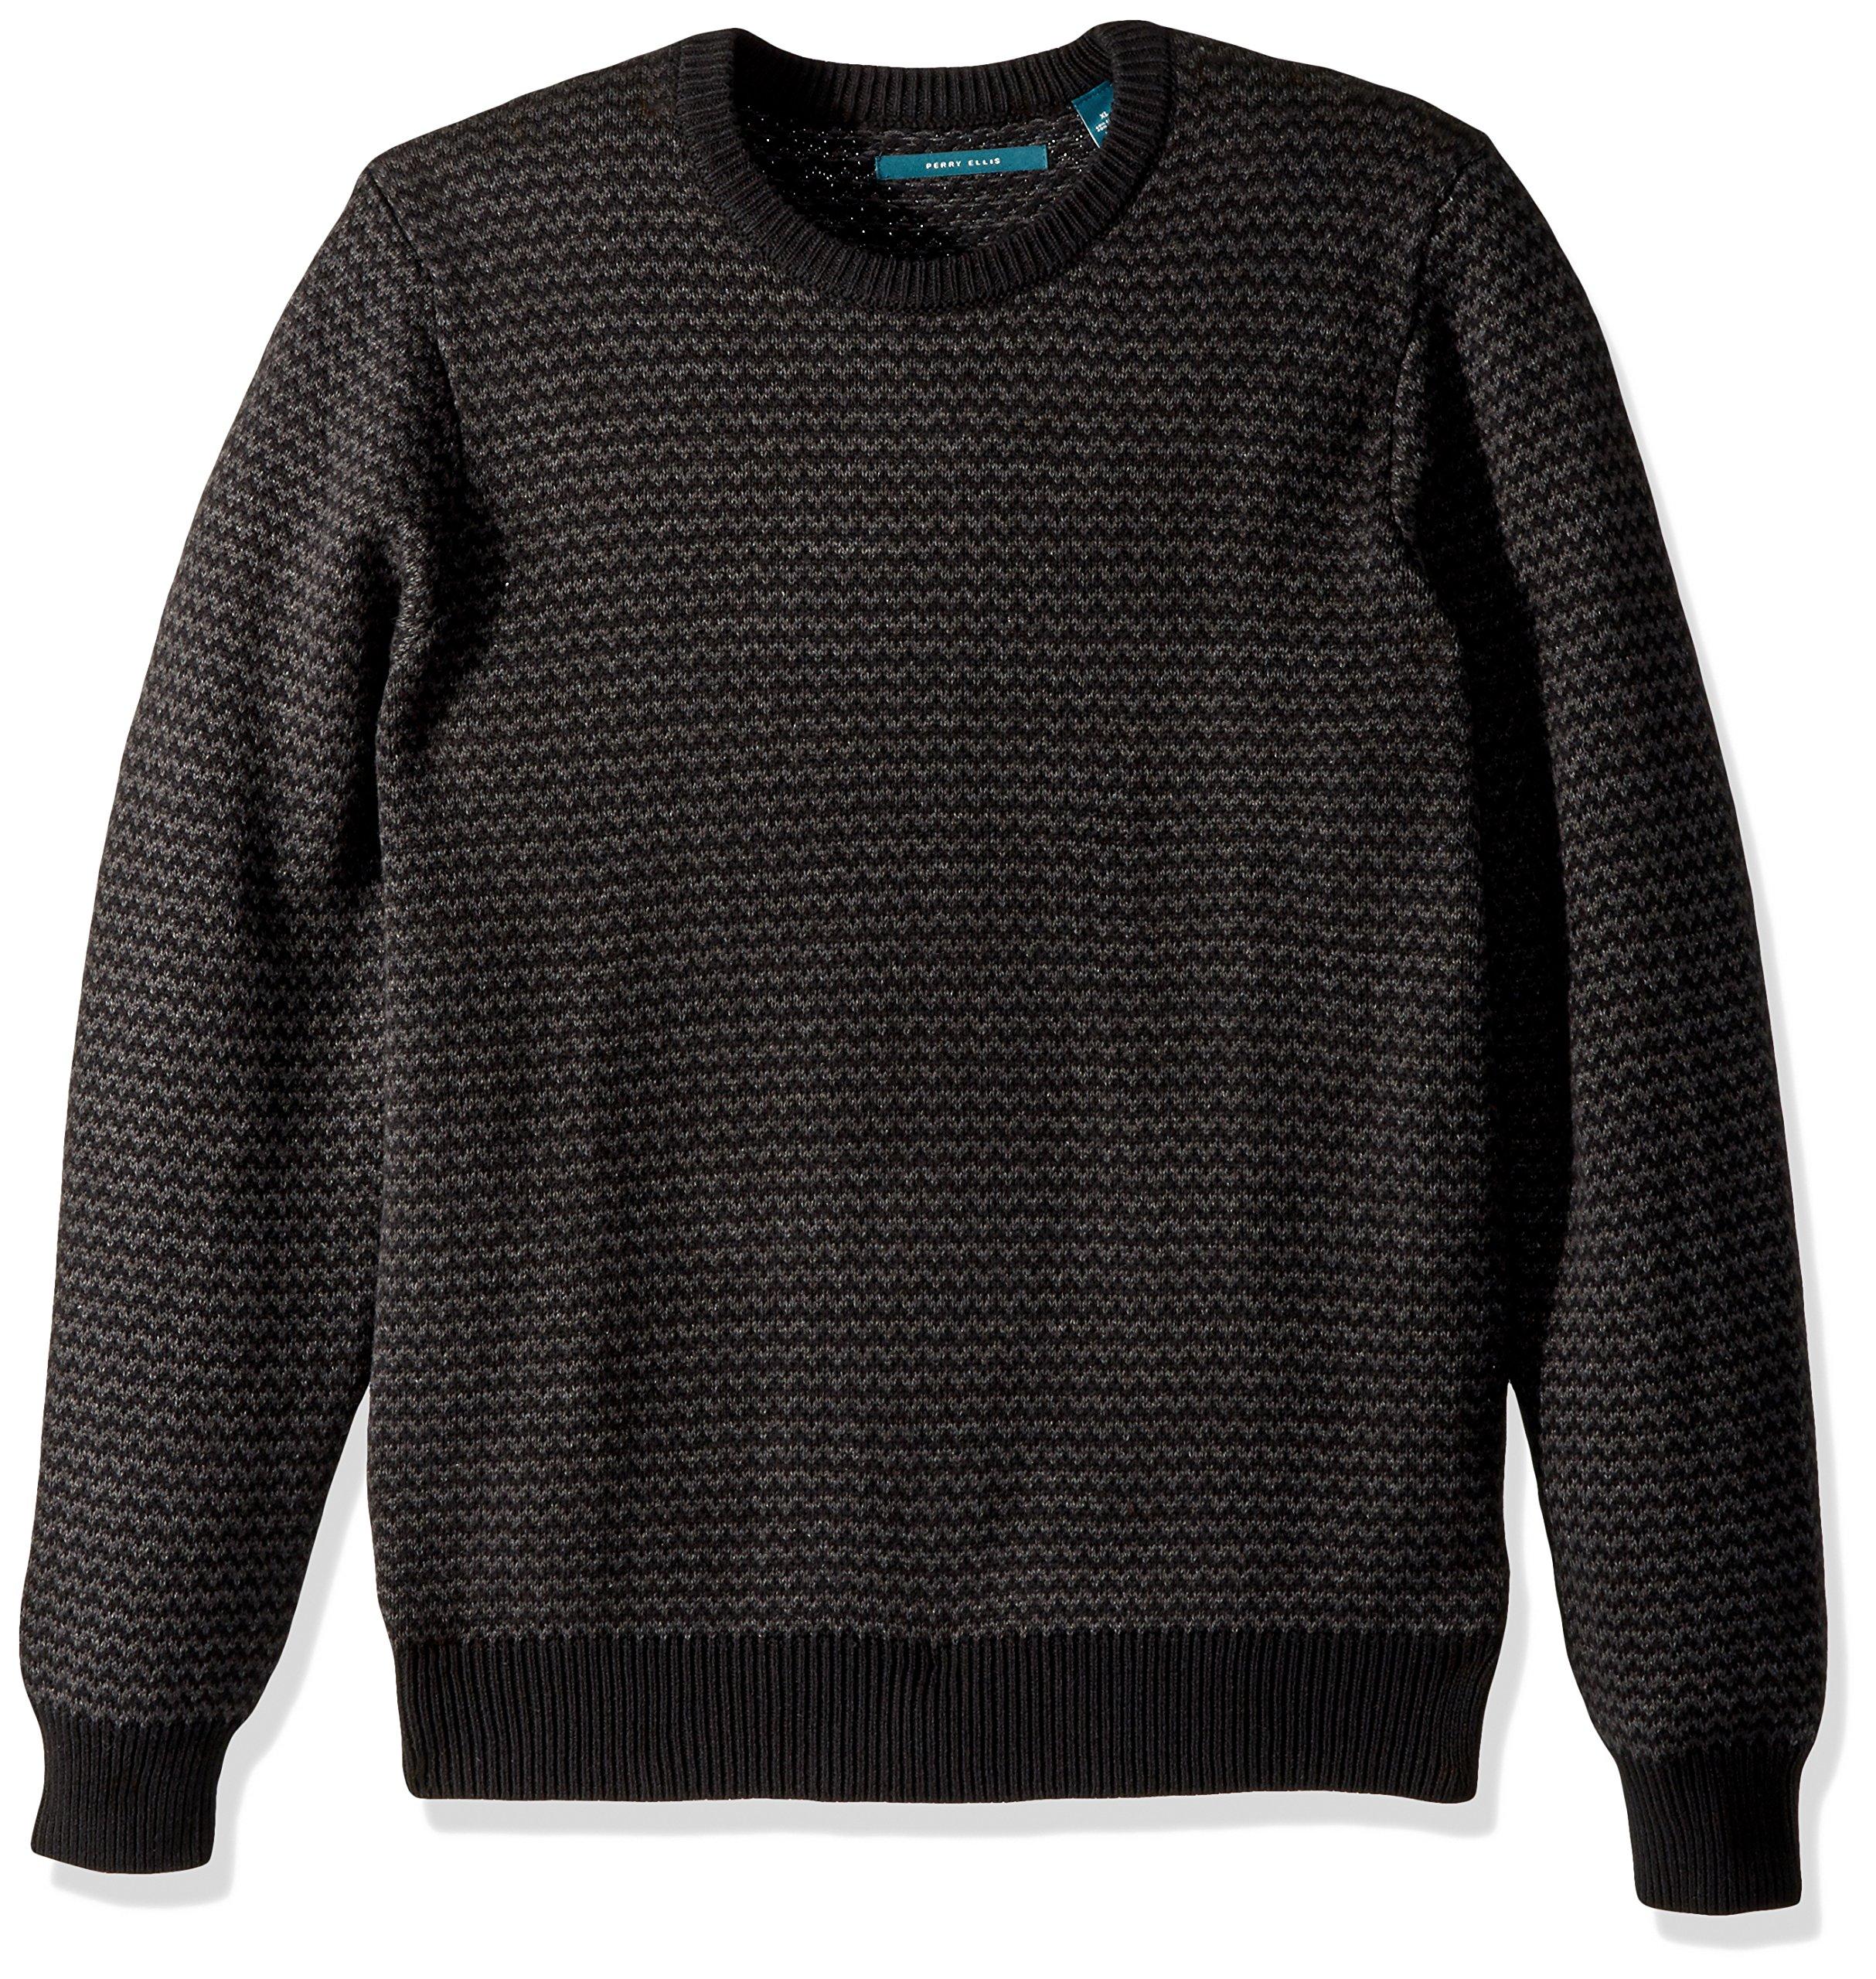 Perry Ellis Men's Herringbone Crew Neck Sweater, Black, Medium